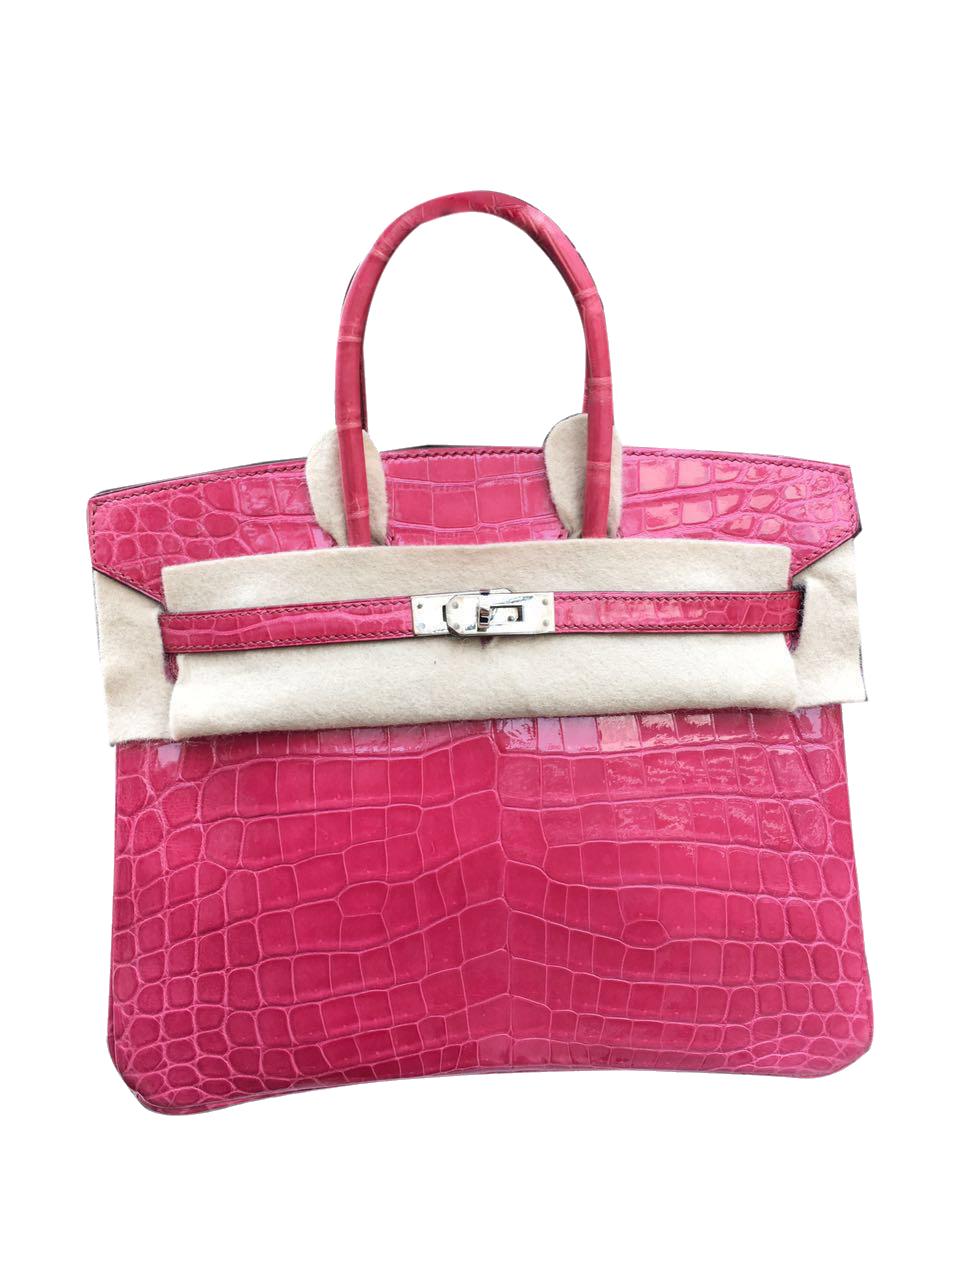 Sac Hermès Birkin 25 Porosus Rose Sheherazade